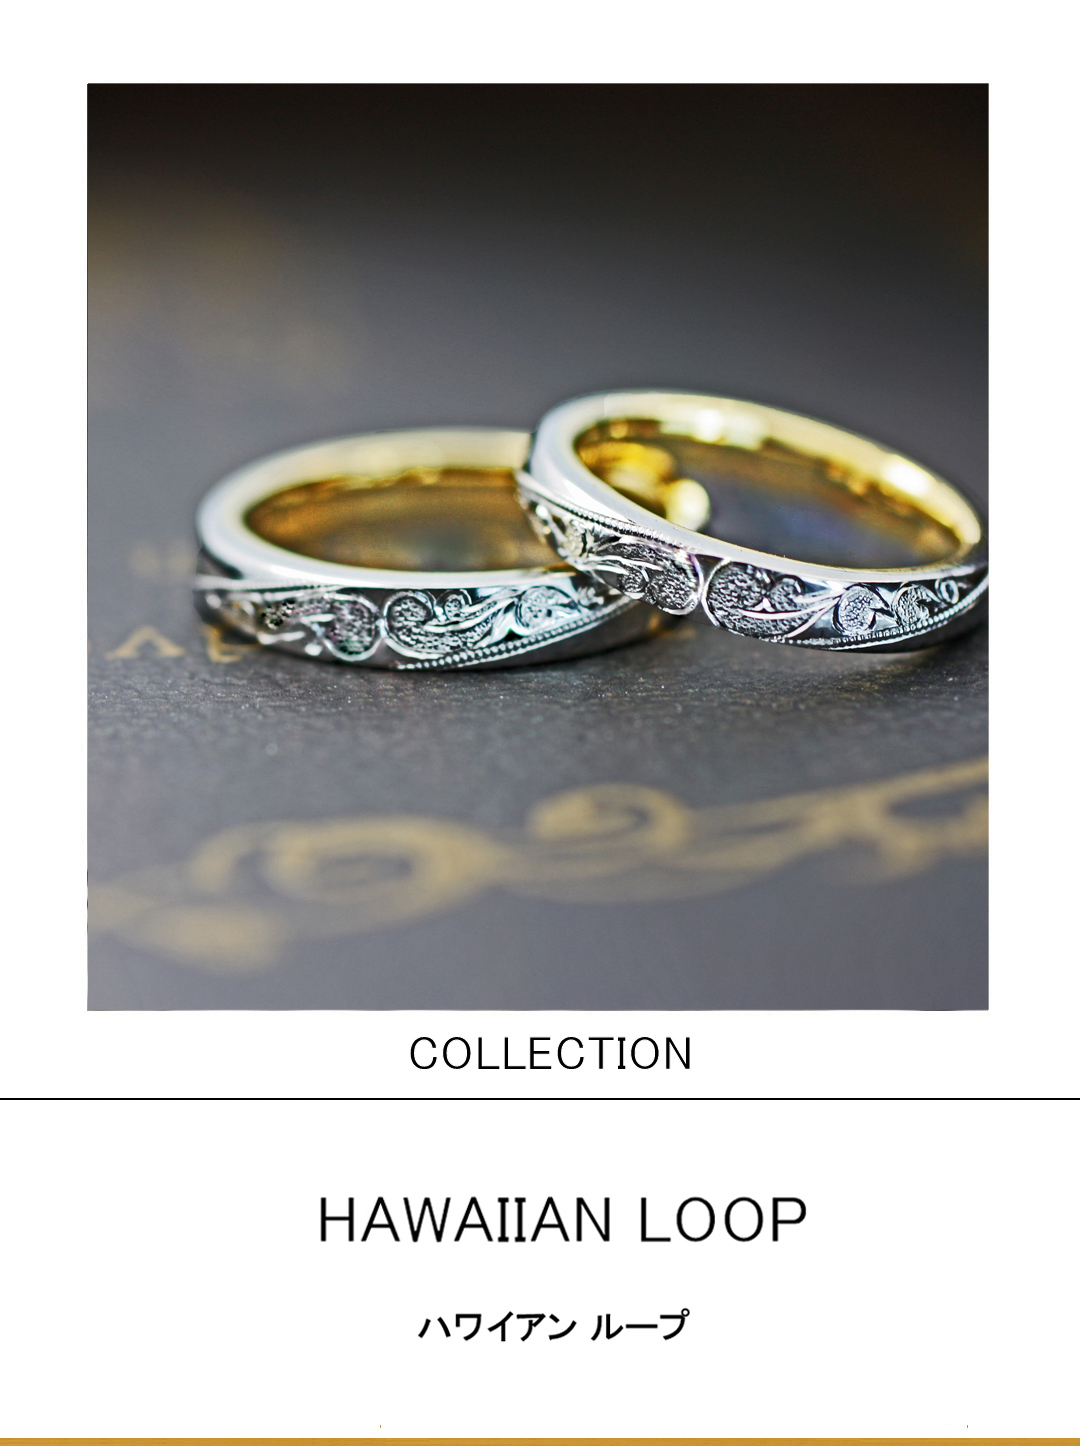 ハワイアン柄が斜めの帯のように入った2カラーコンビの結婚指輪のサムネイル